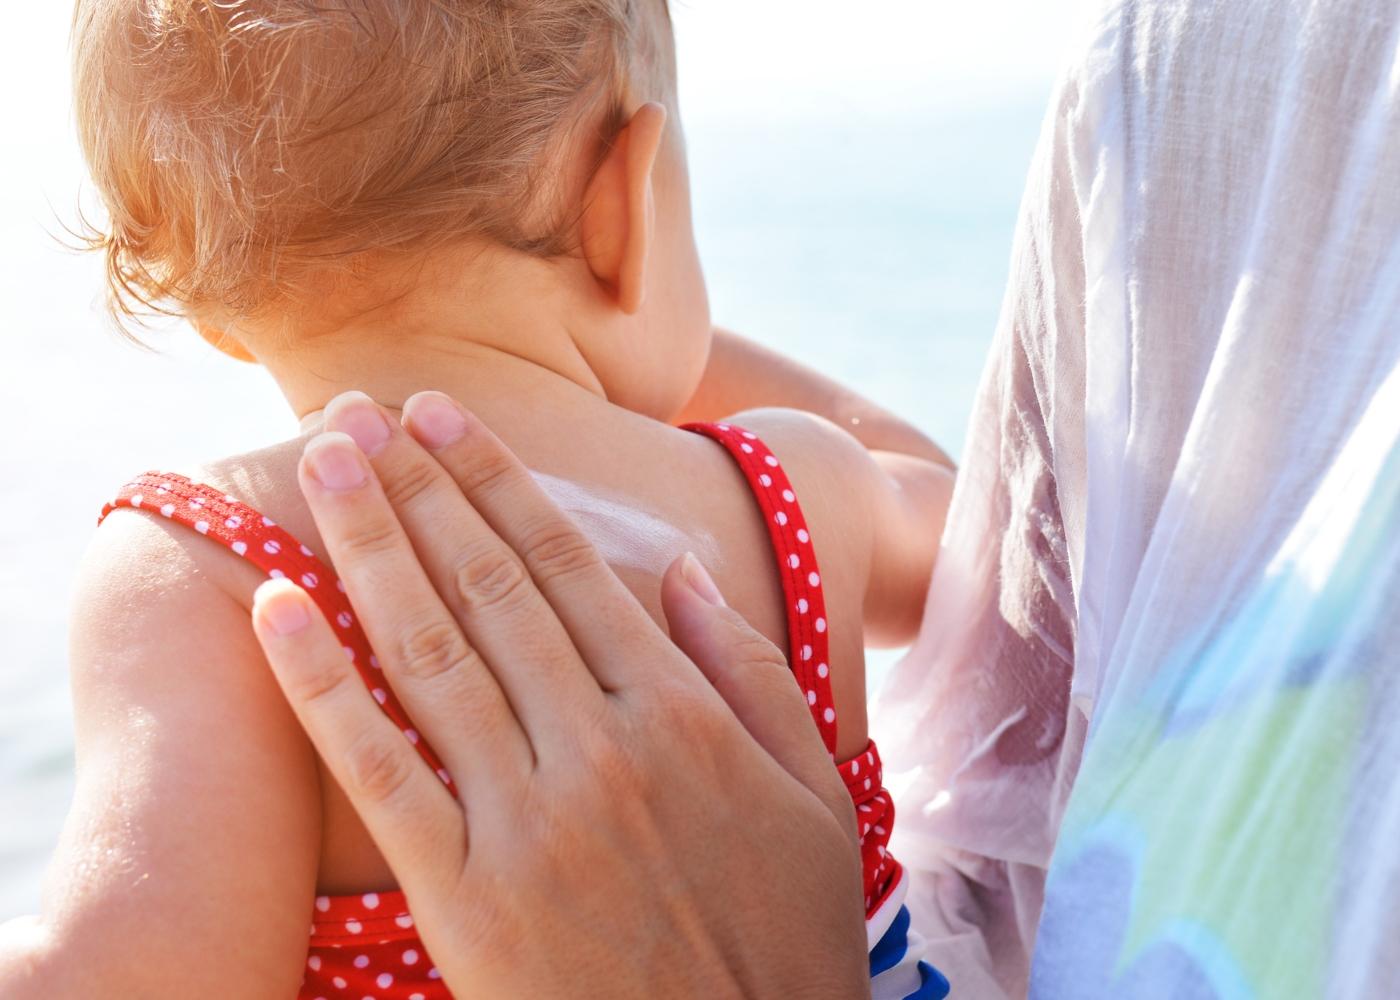 Mãe a aplicar protetor solar na filha bebé